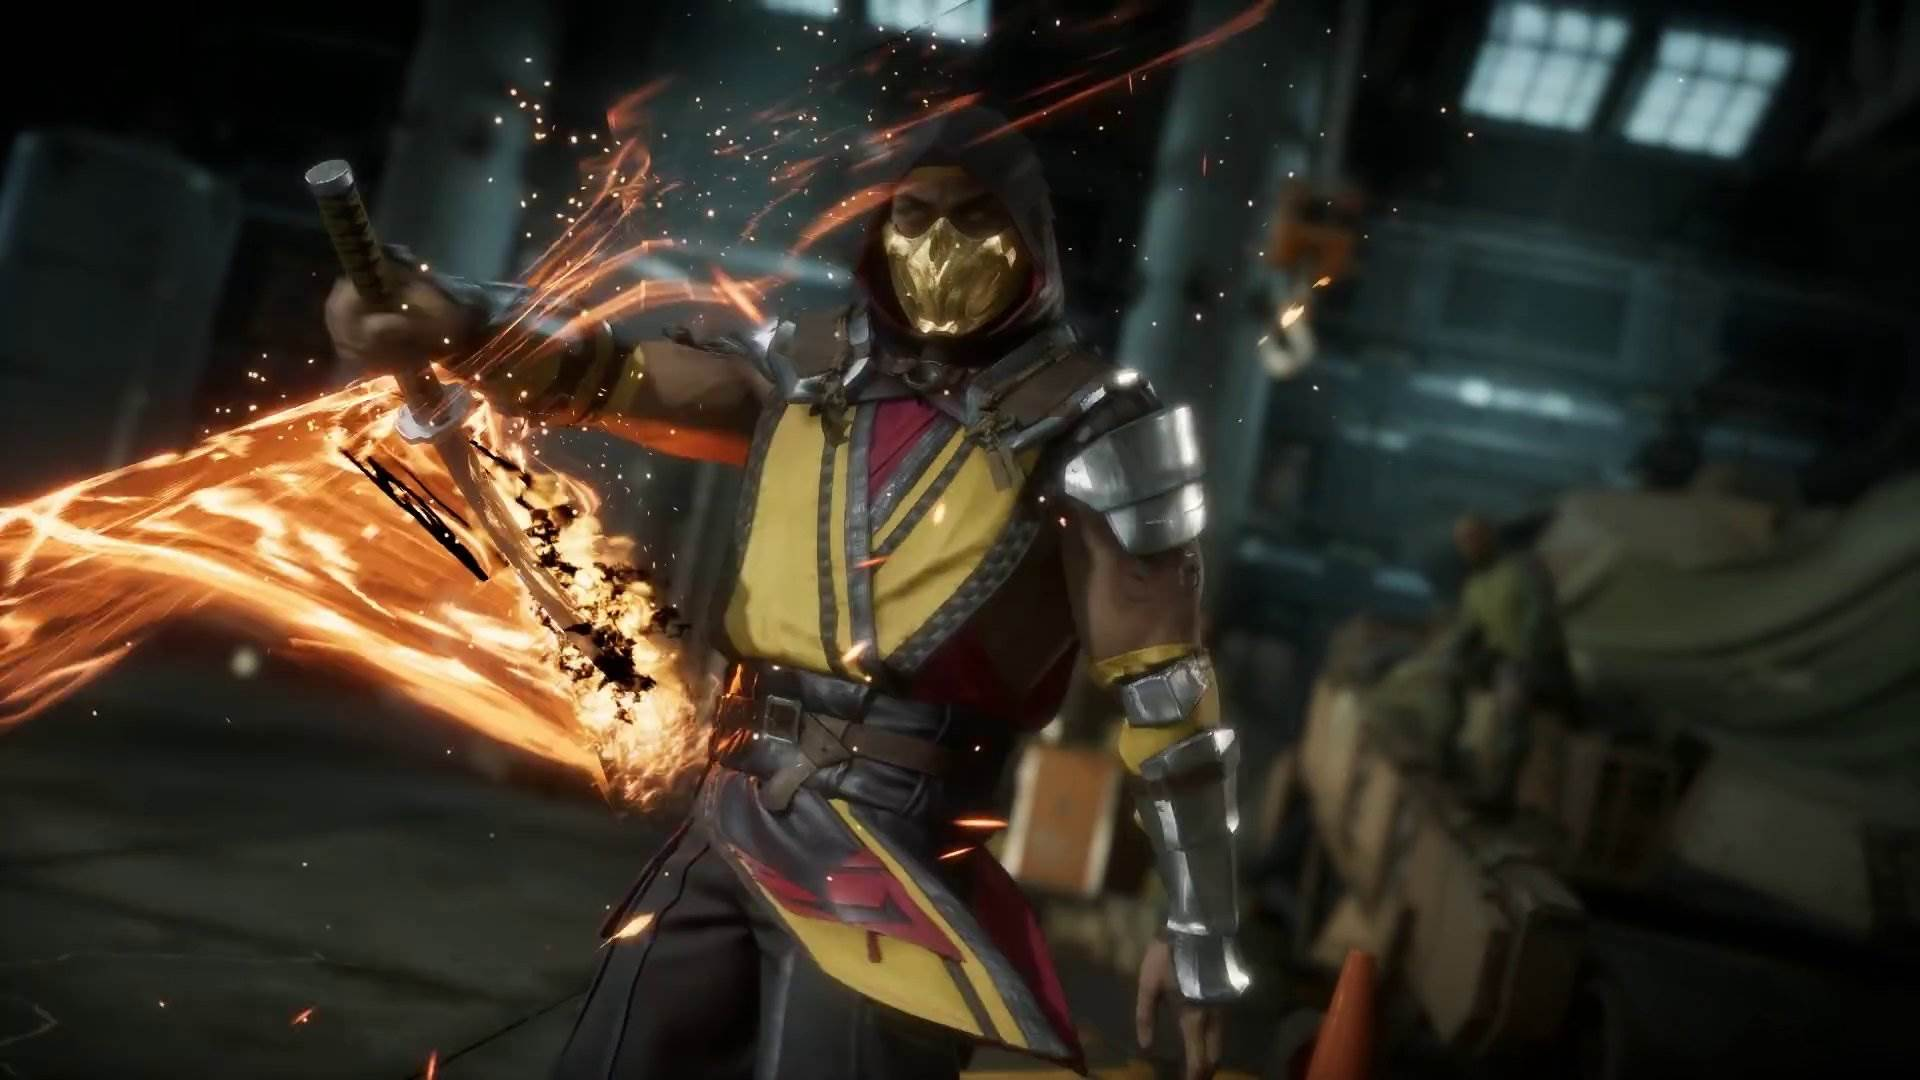 تریلر زمان عرضهی بازی Mortal Kombat 11 منتشر شد